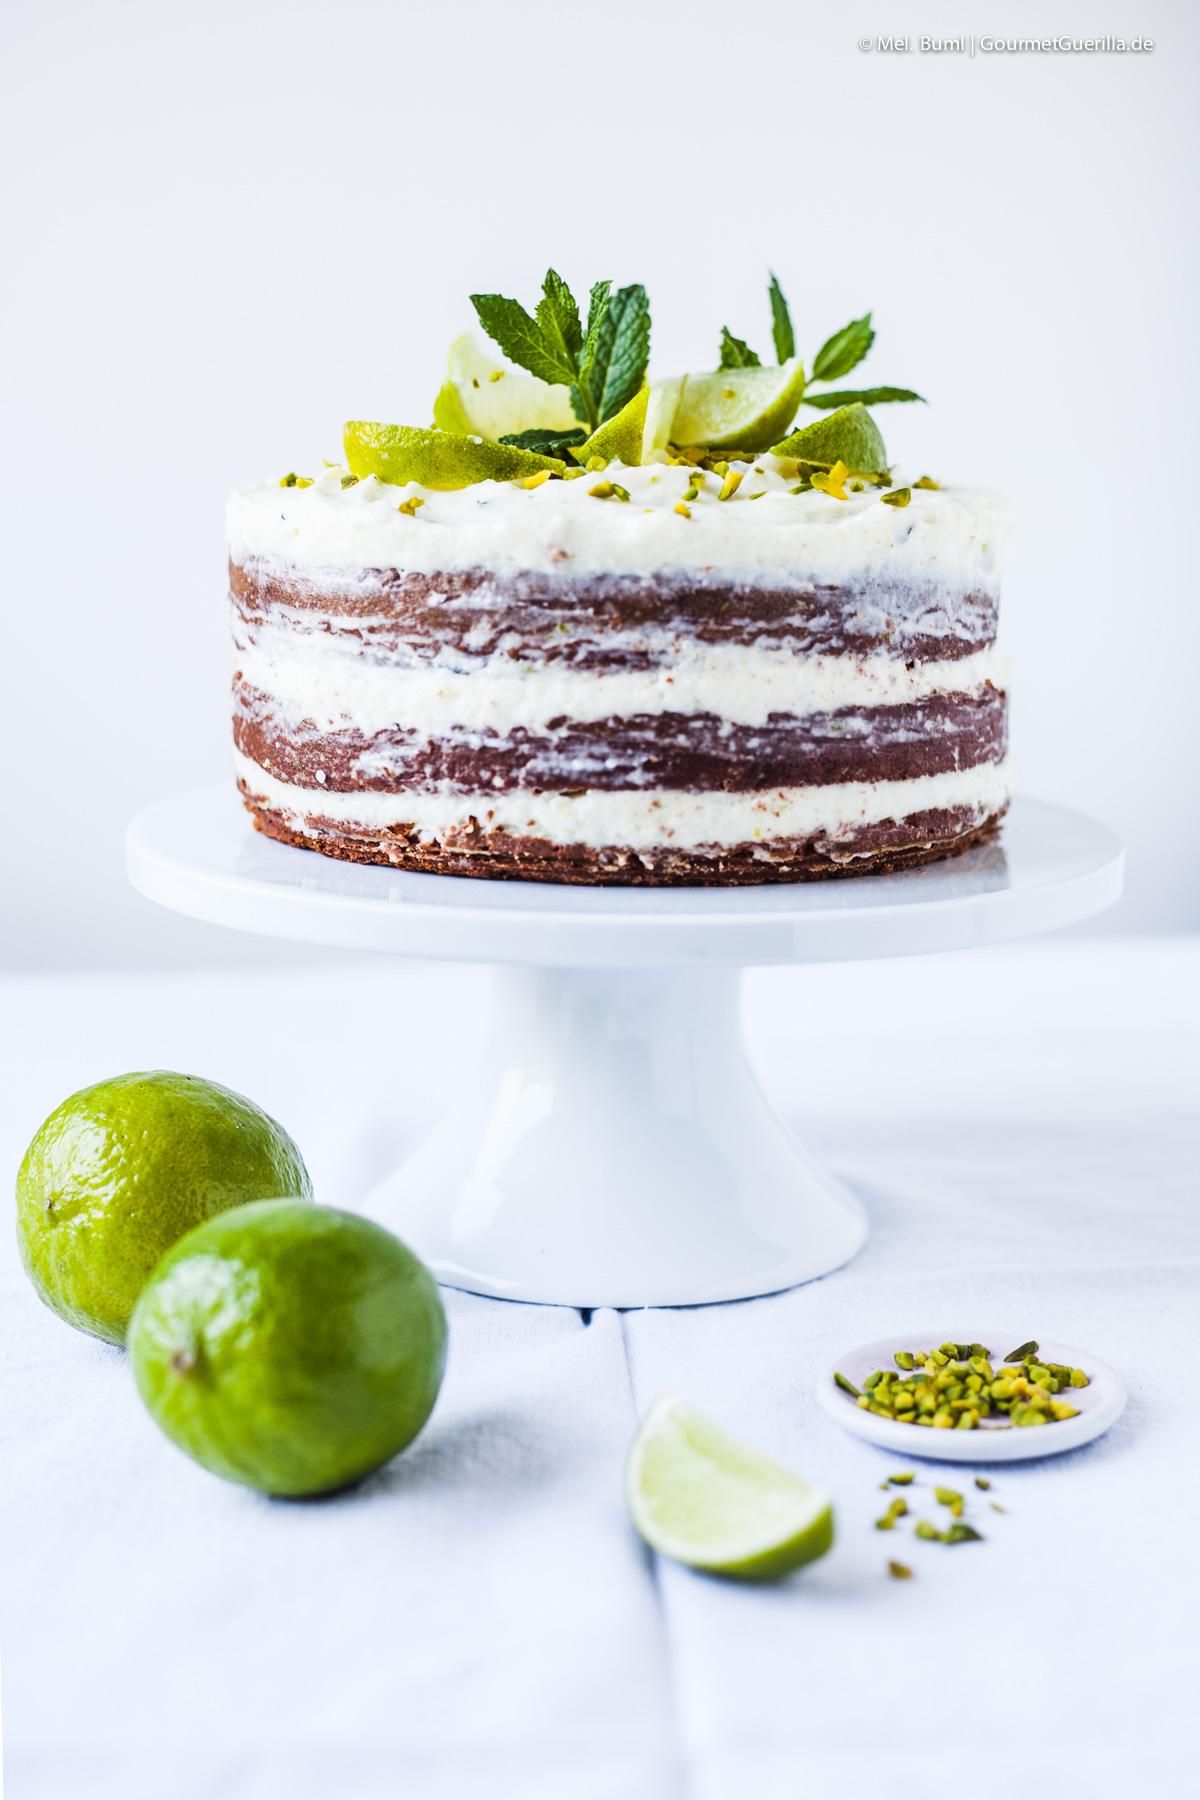 White Chocolate Mojito Naked Cake |GourmetGuerilla.de